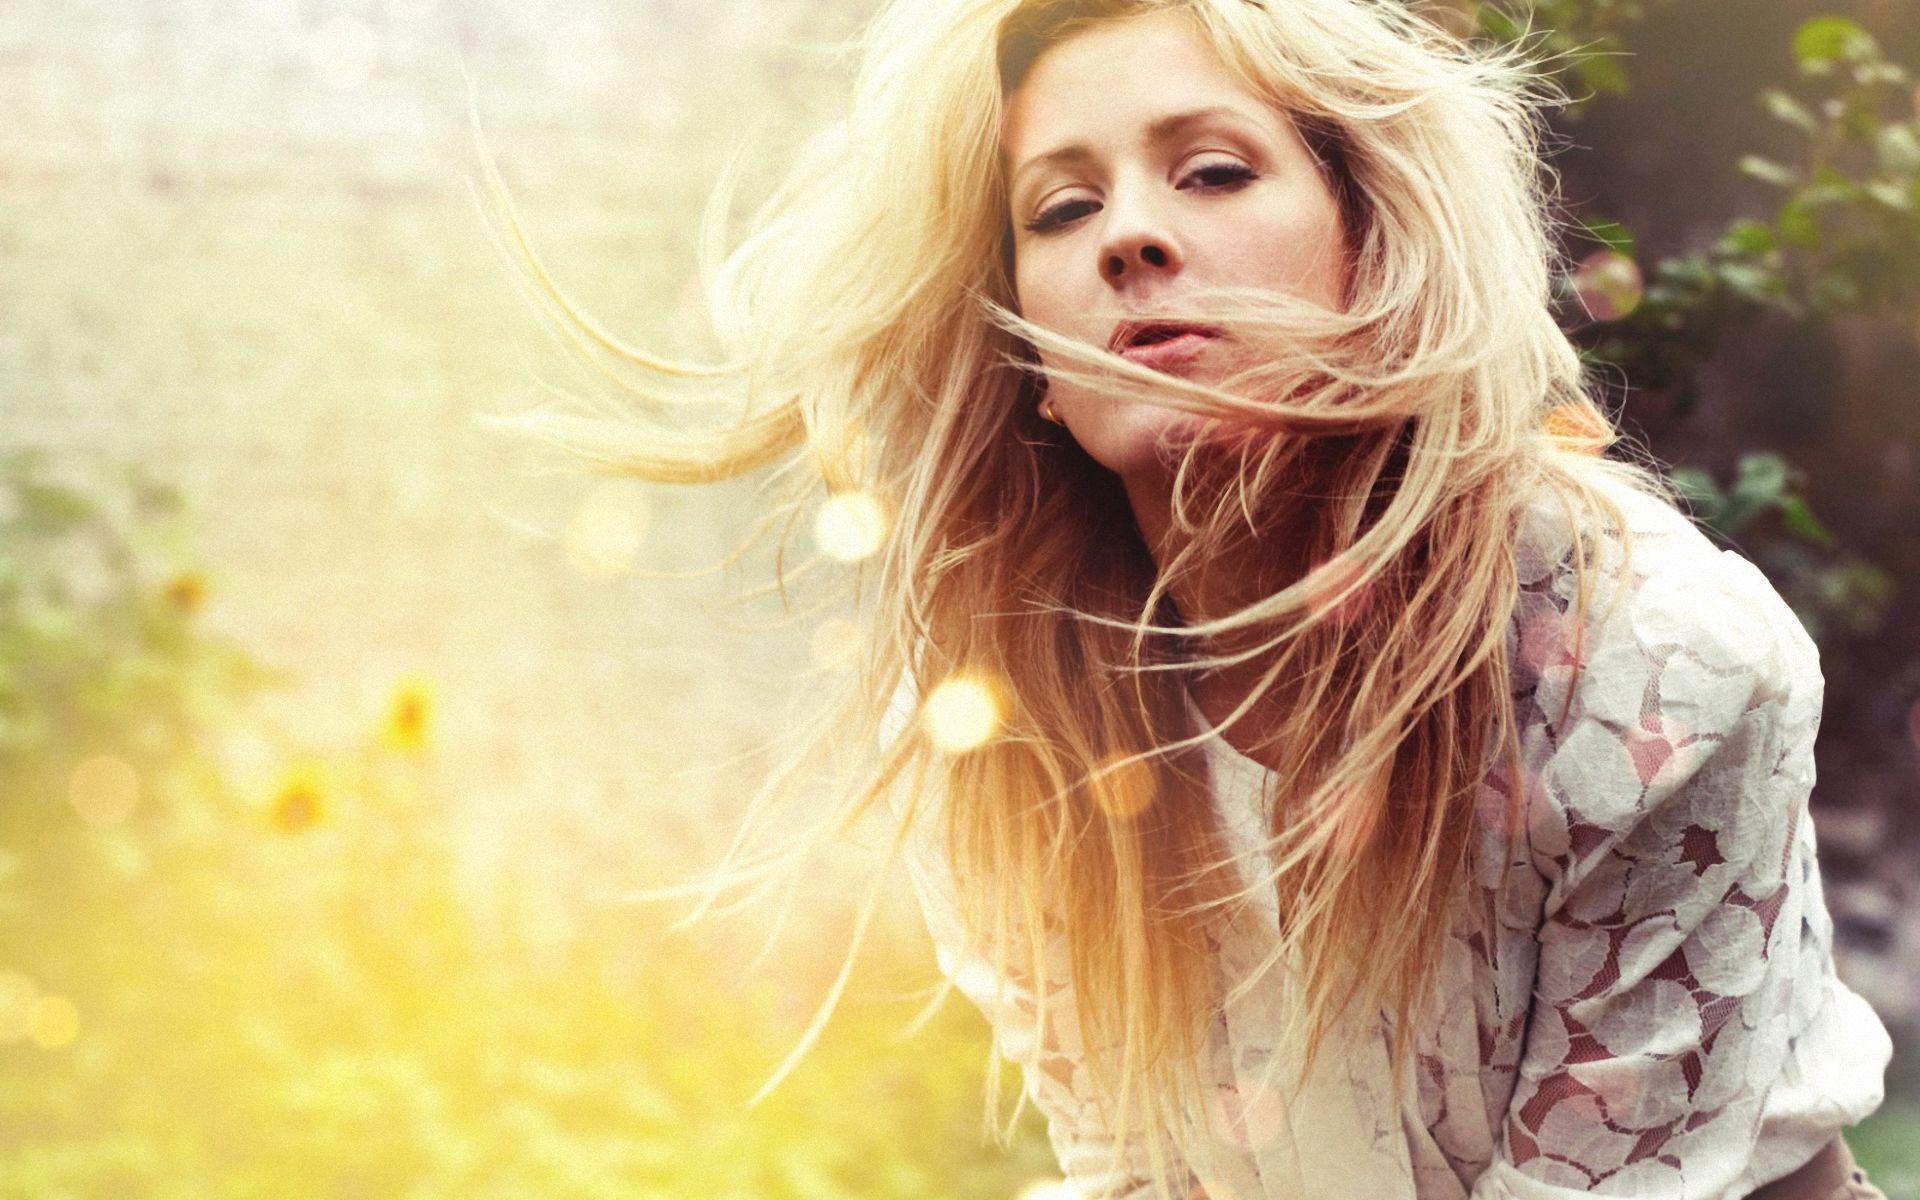 Ellie Goulding Wallpapers Top Free Ellie Goulding